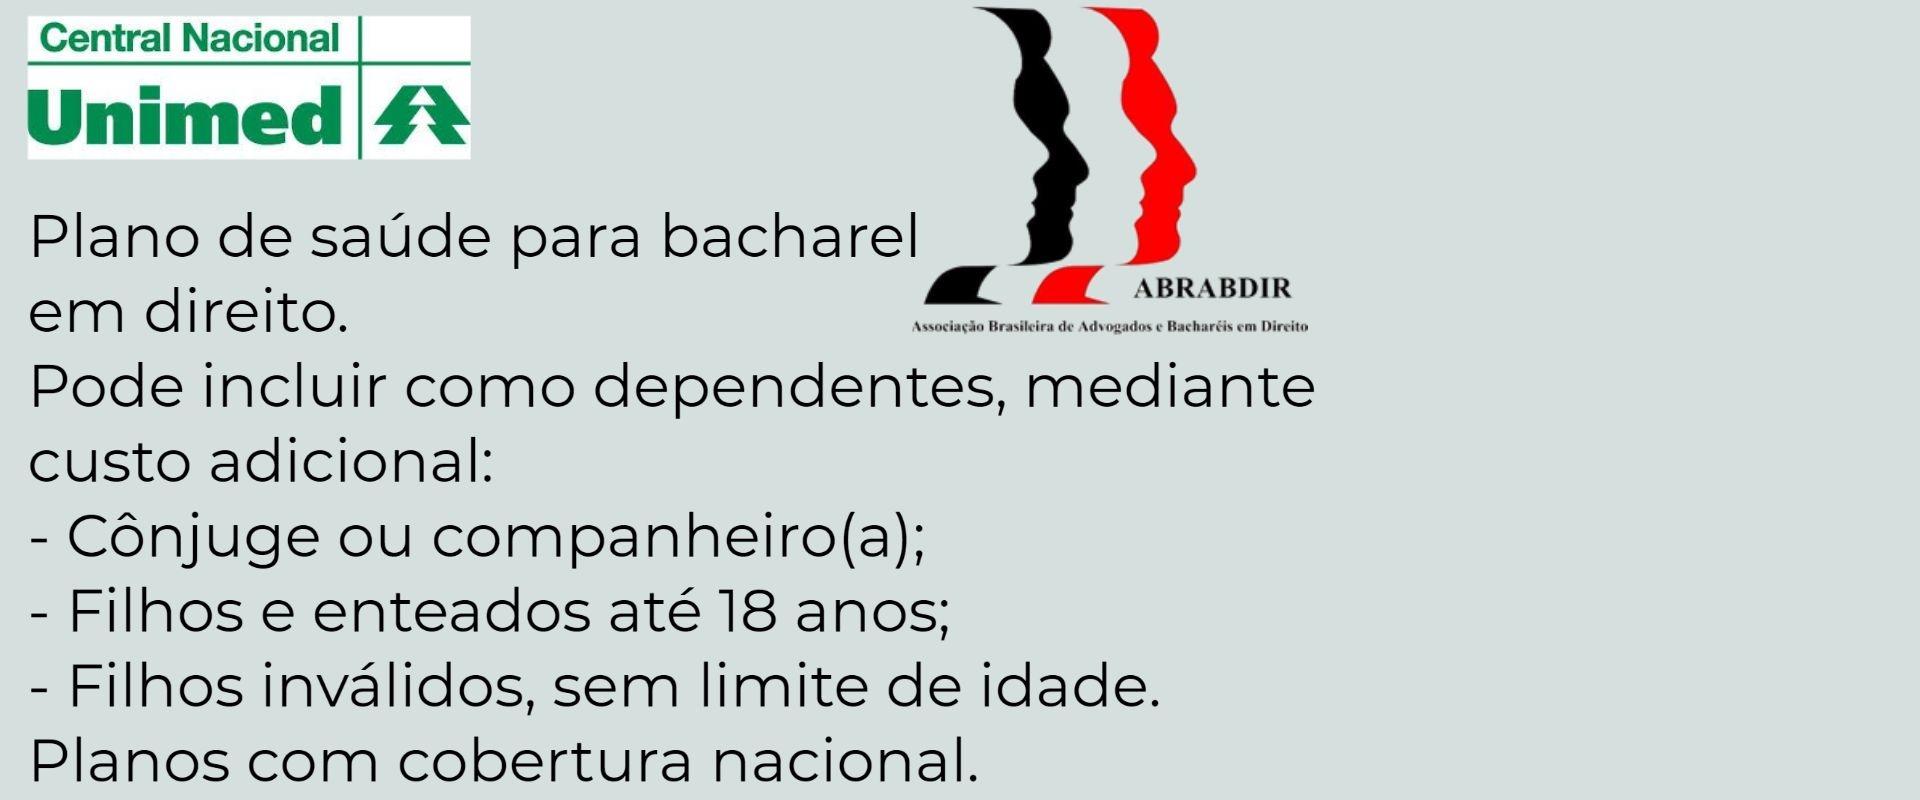 Unimed ABRABDIR Votorantim